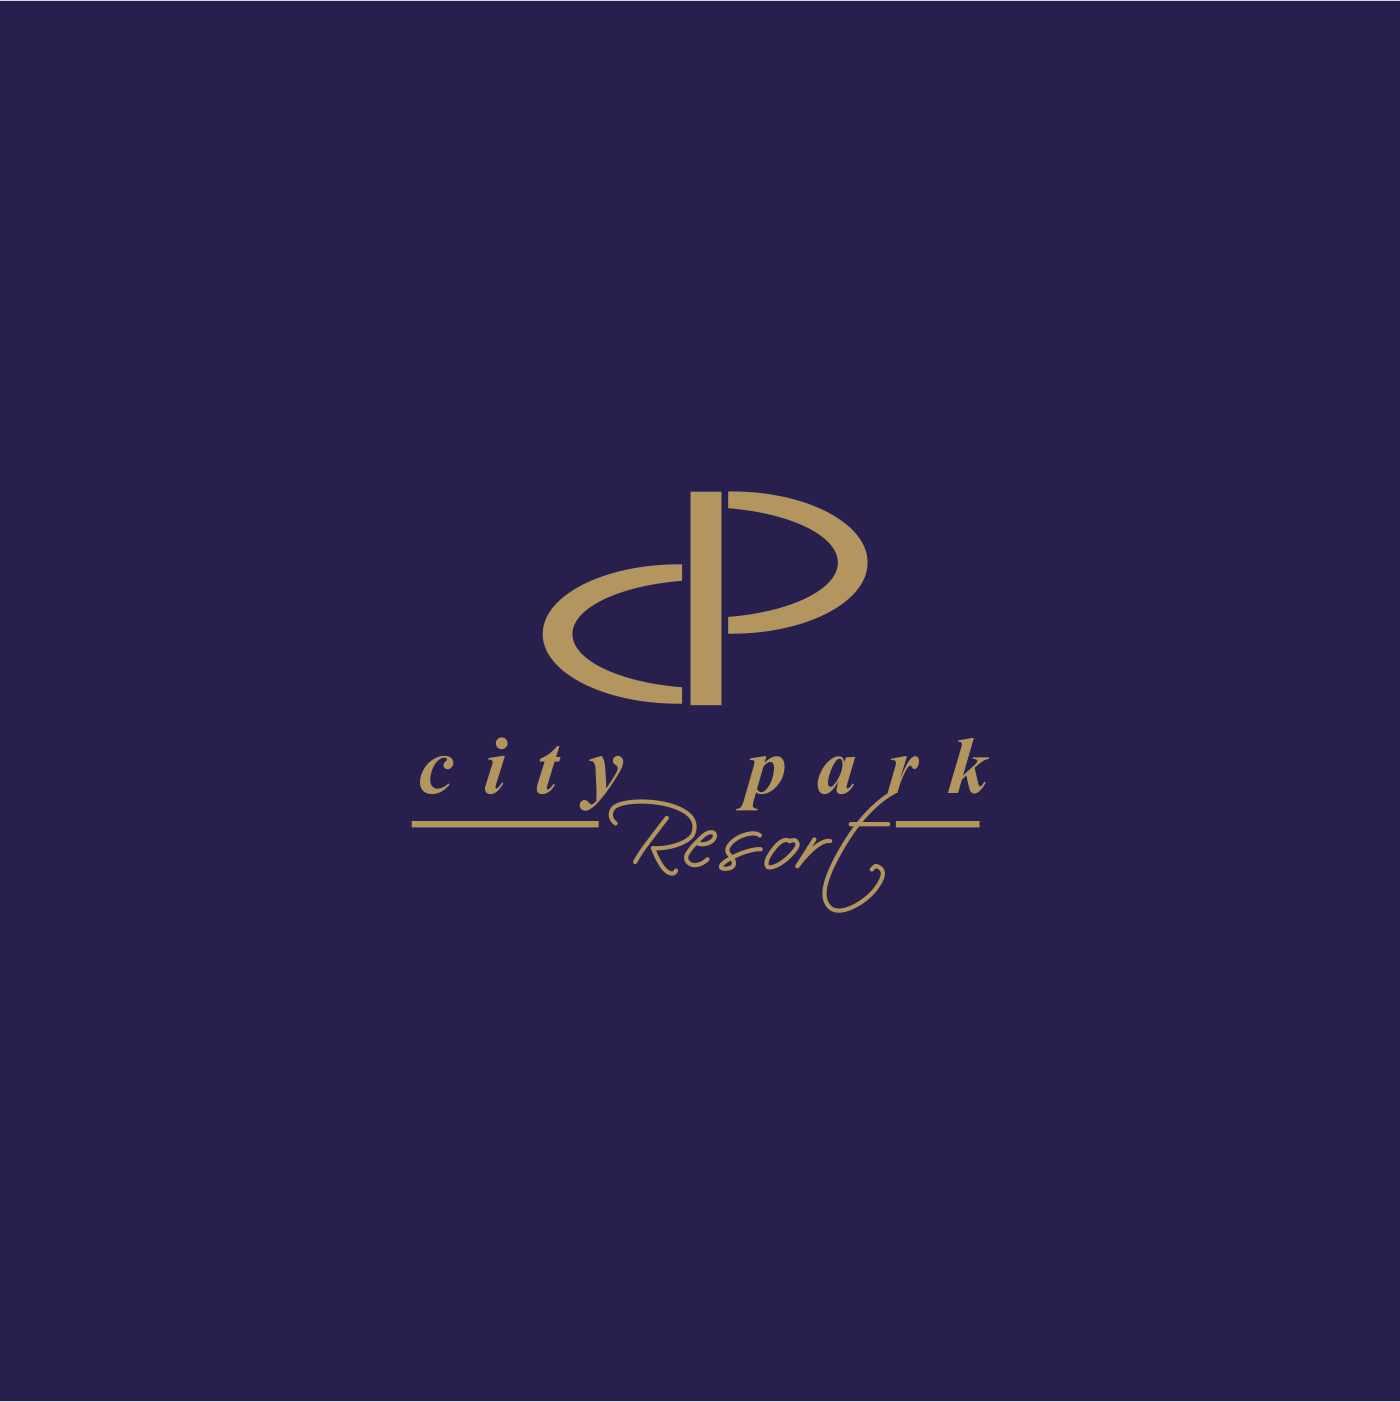 City Park_O-O_1